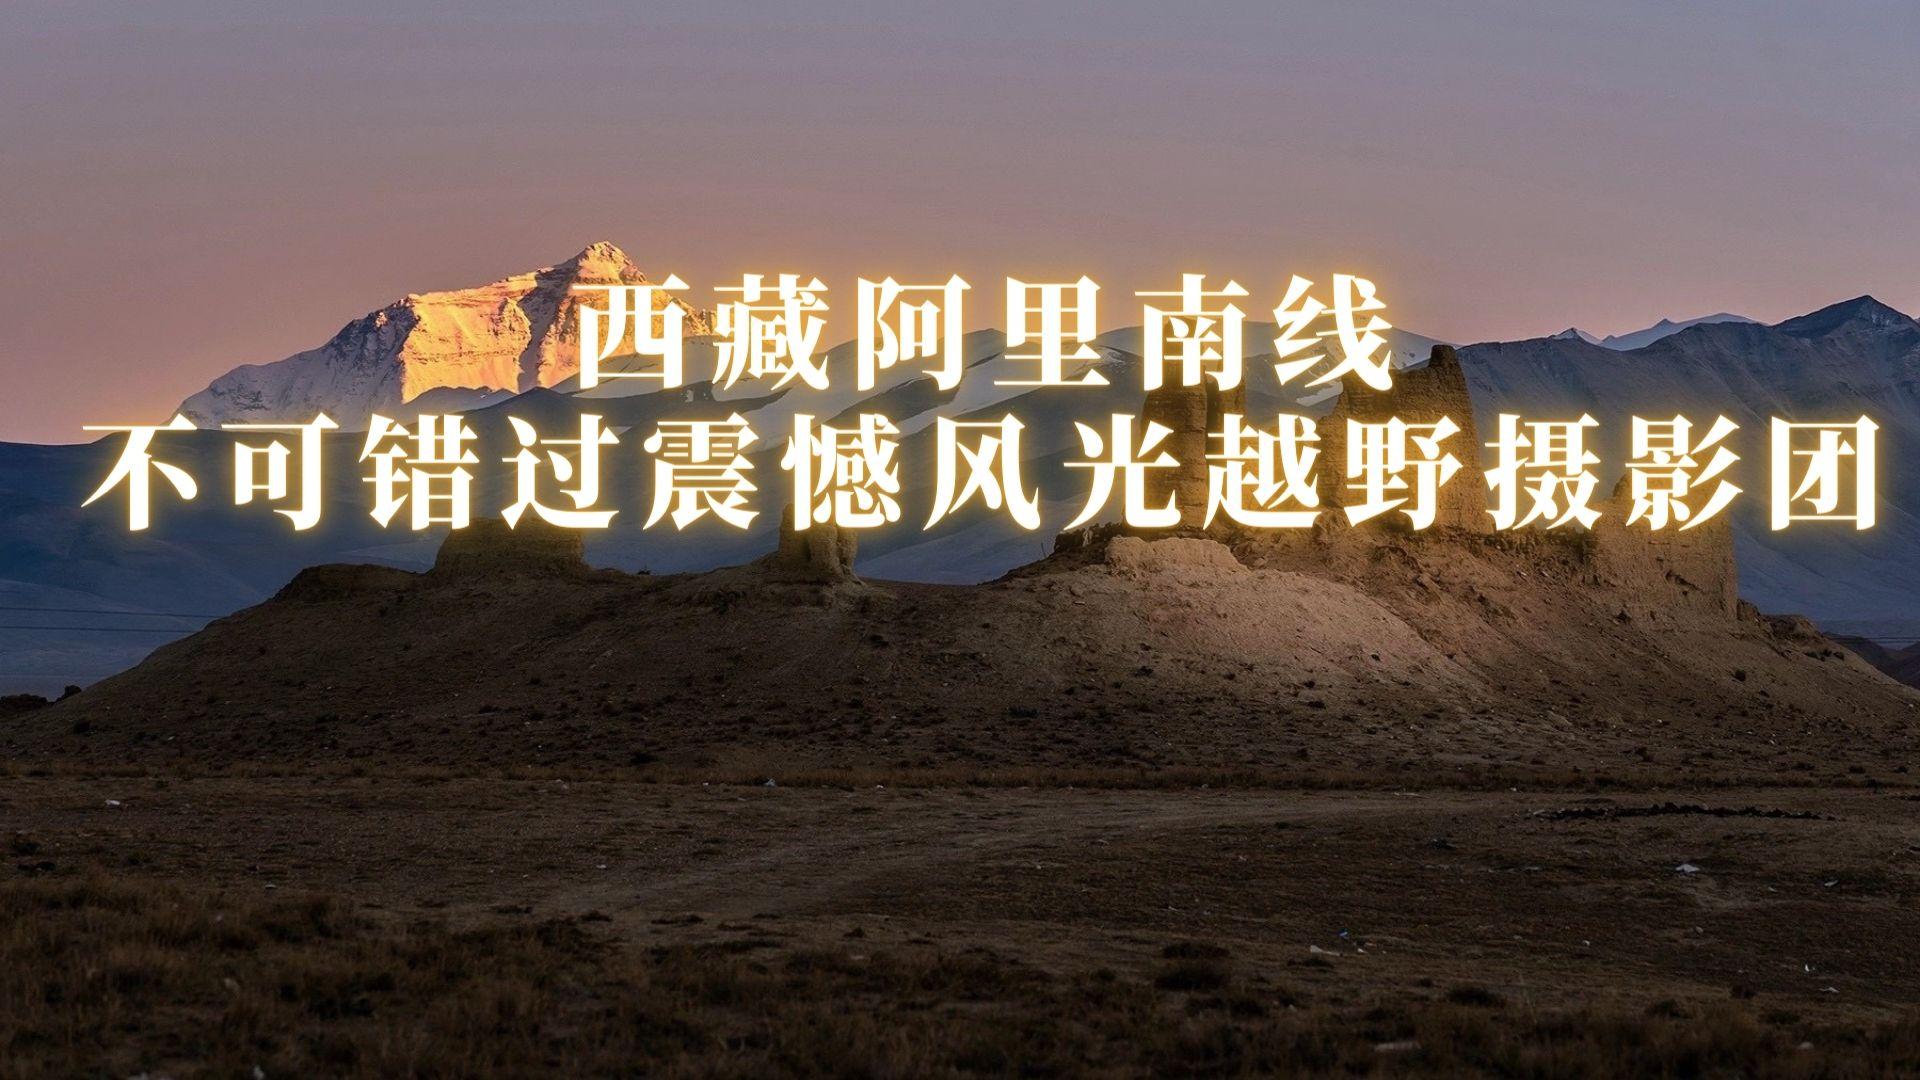 西藏阿里南线,不可错过震憾风光越野摄影团